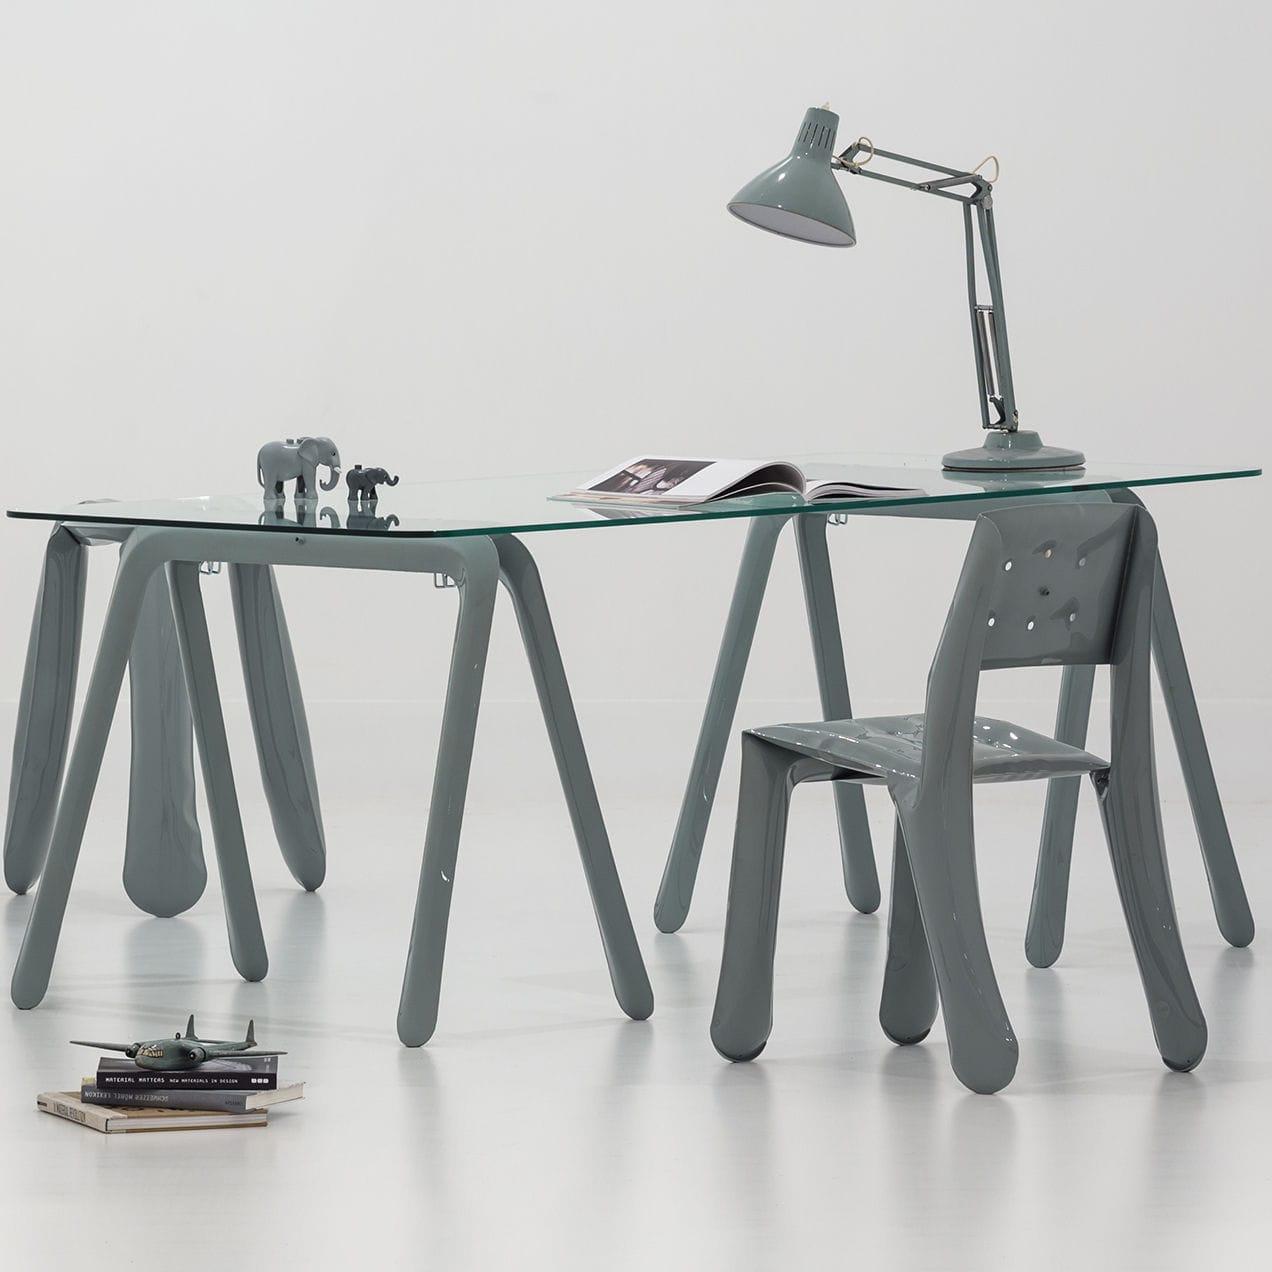 Cavalletto per tavoli in metallo - KOZA II - ZIETA - Video